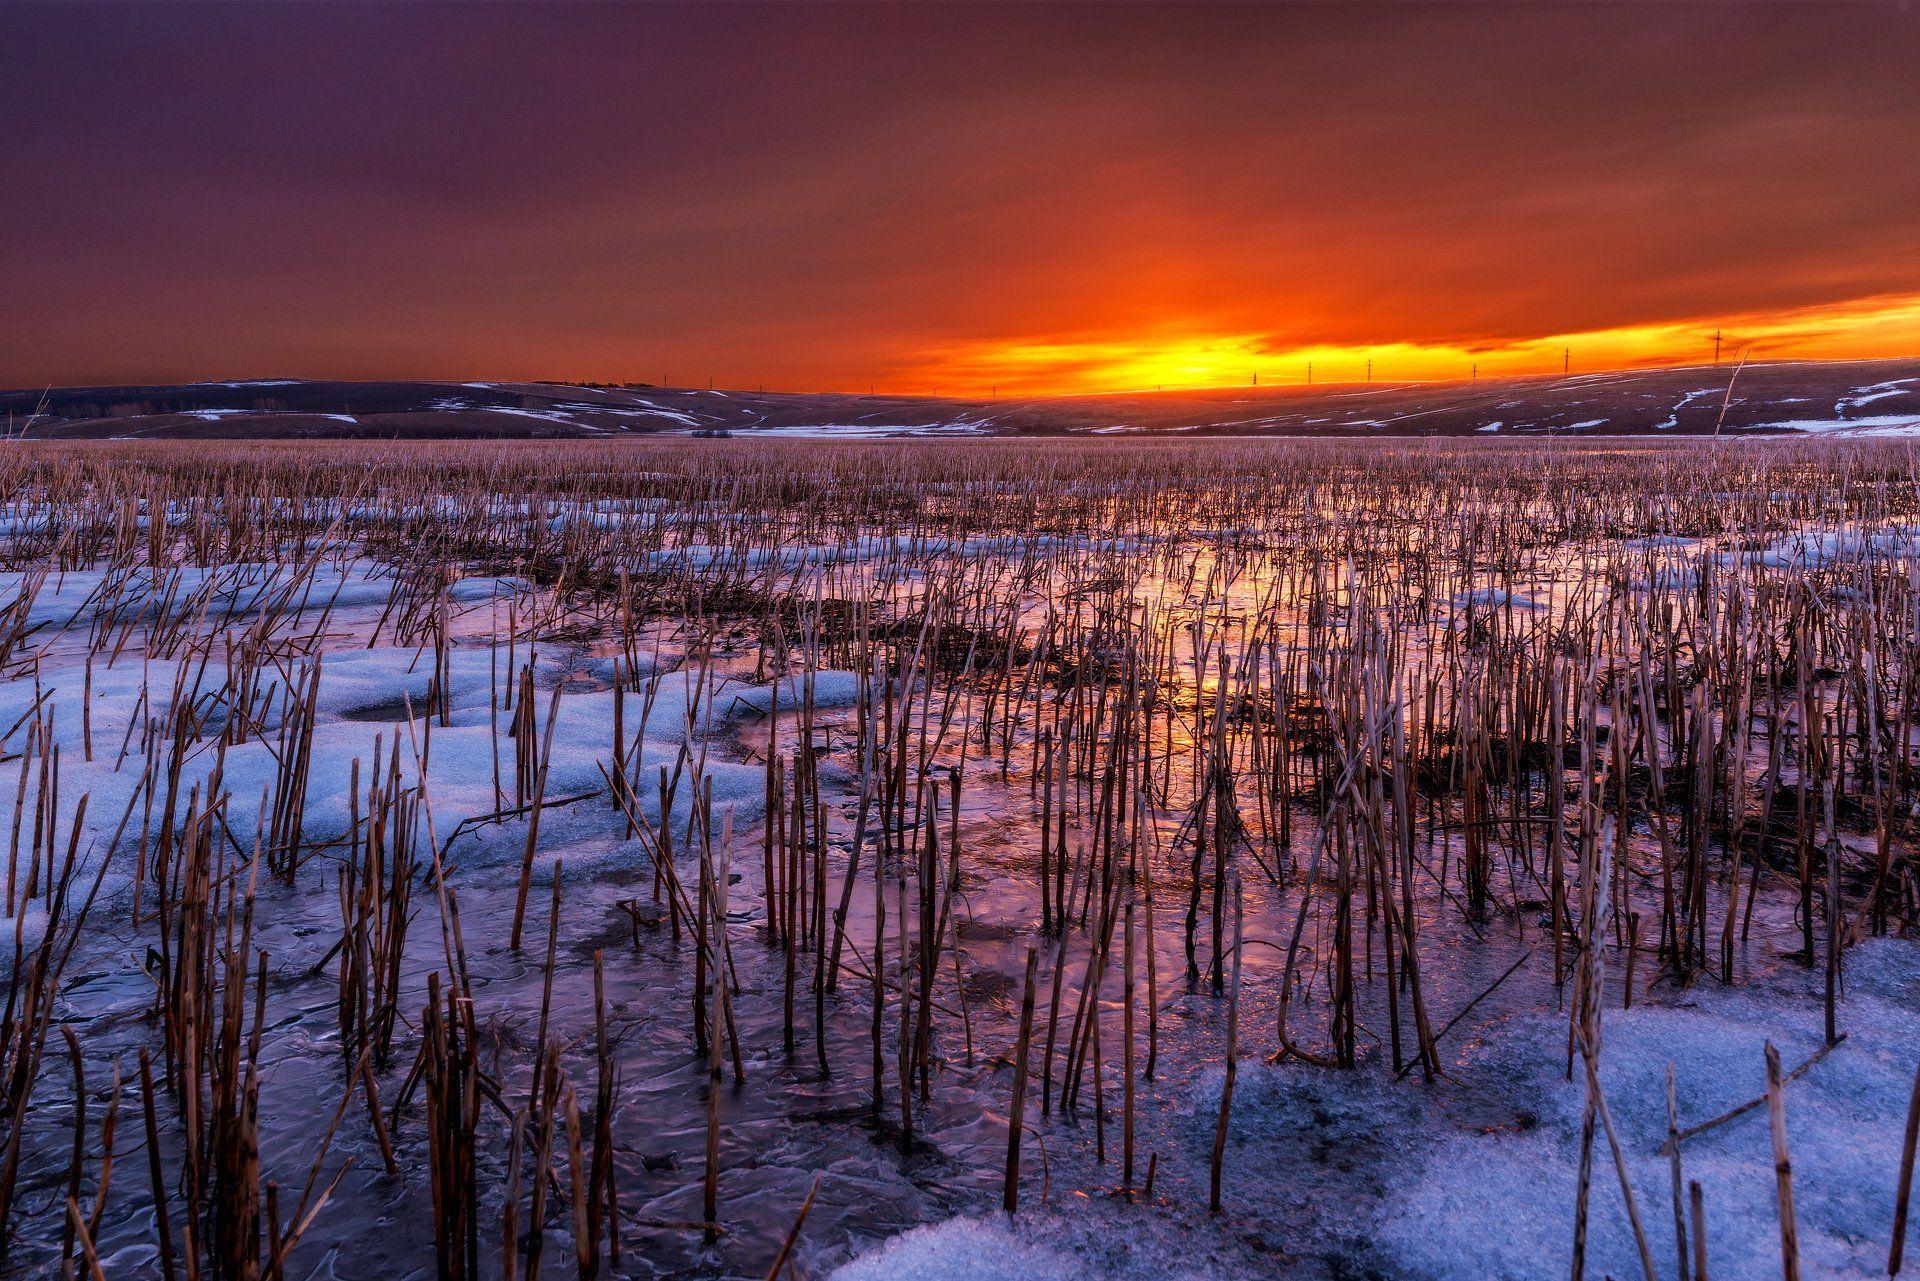 алтай, весна, восход, заря, тучи, пасмурно, свет, оранжевый, поле, лед, отражение, Павел Силиненко